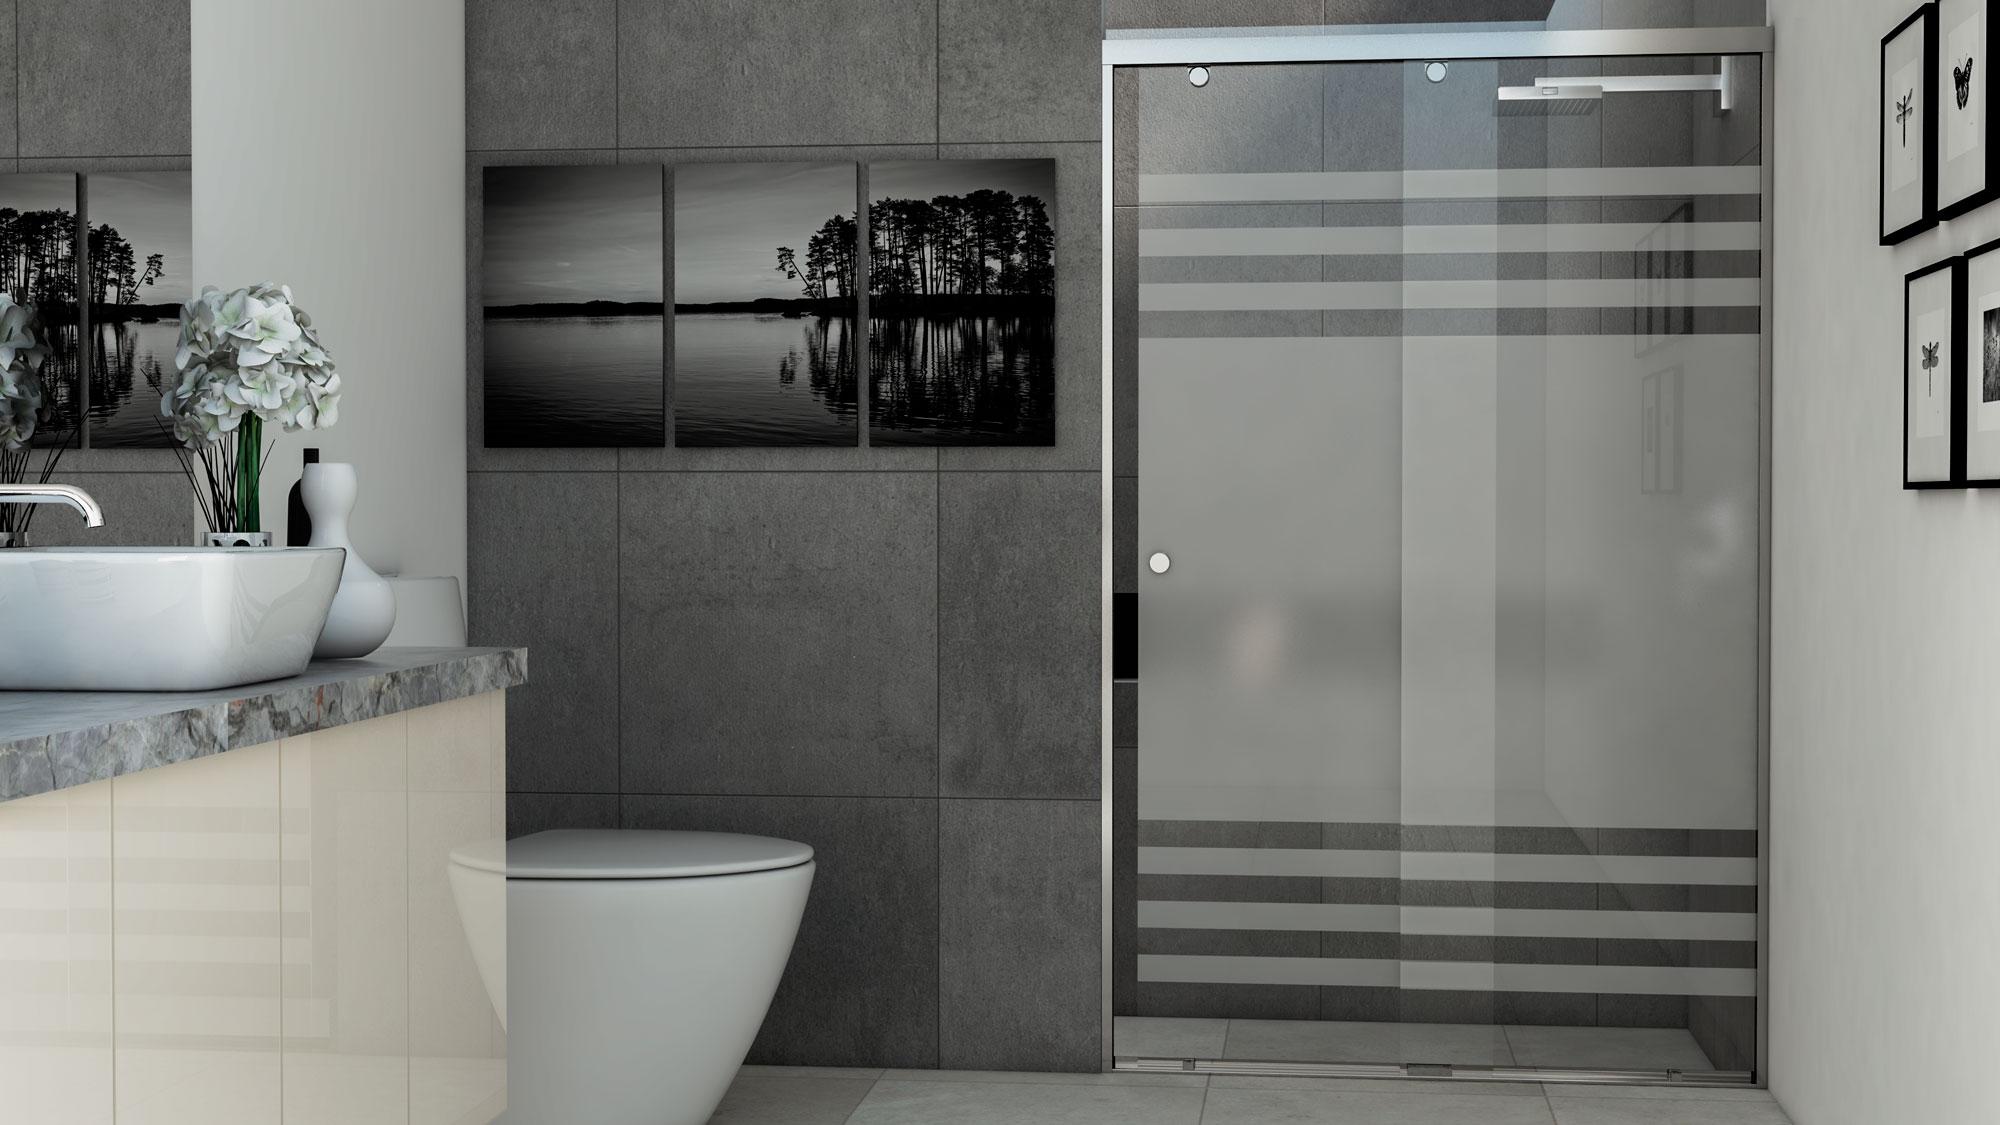 Puertas para bano de cristal templado alumineros y for Puertas principales de cristal